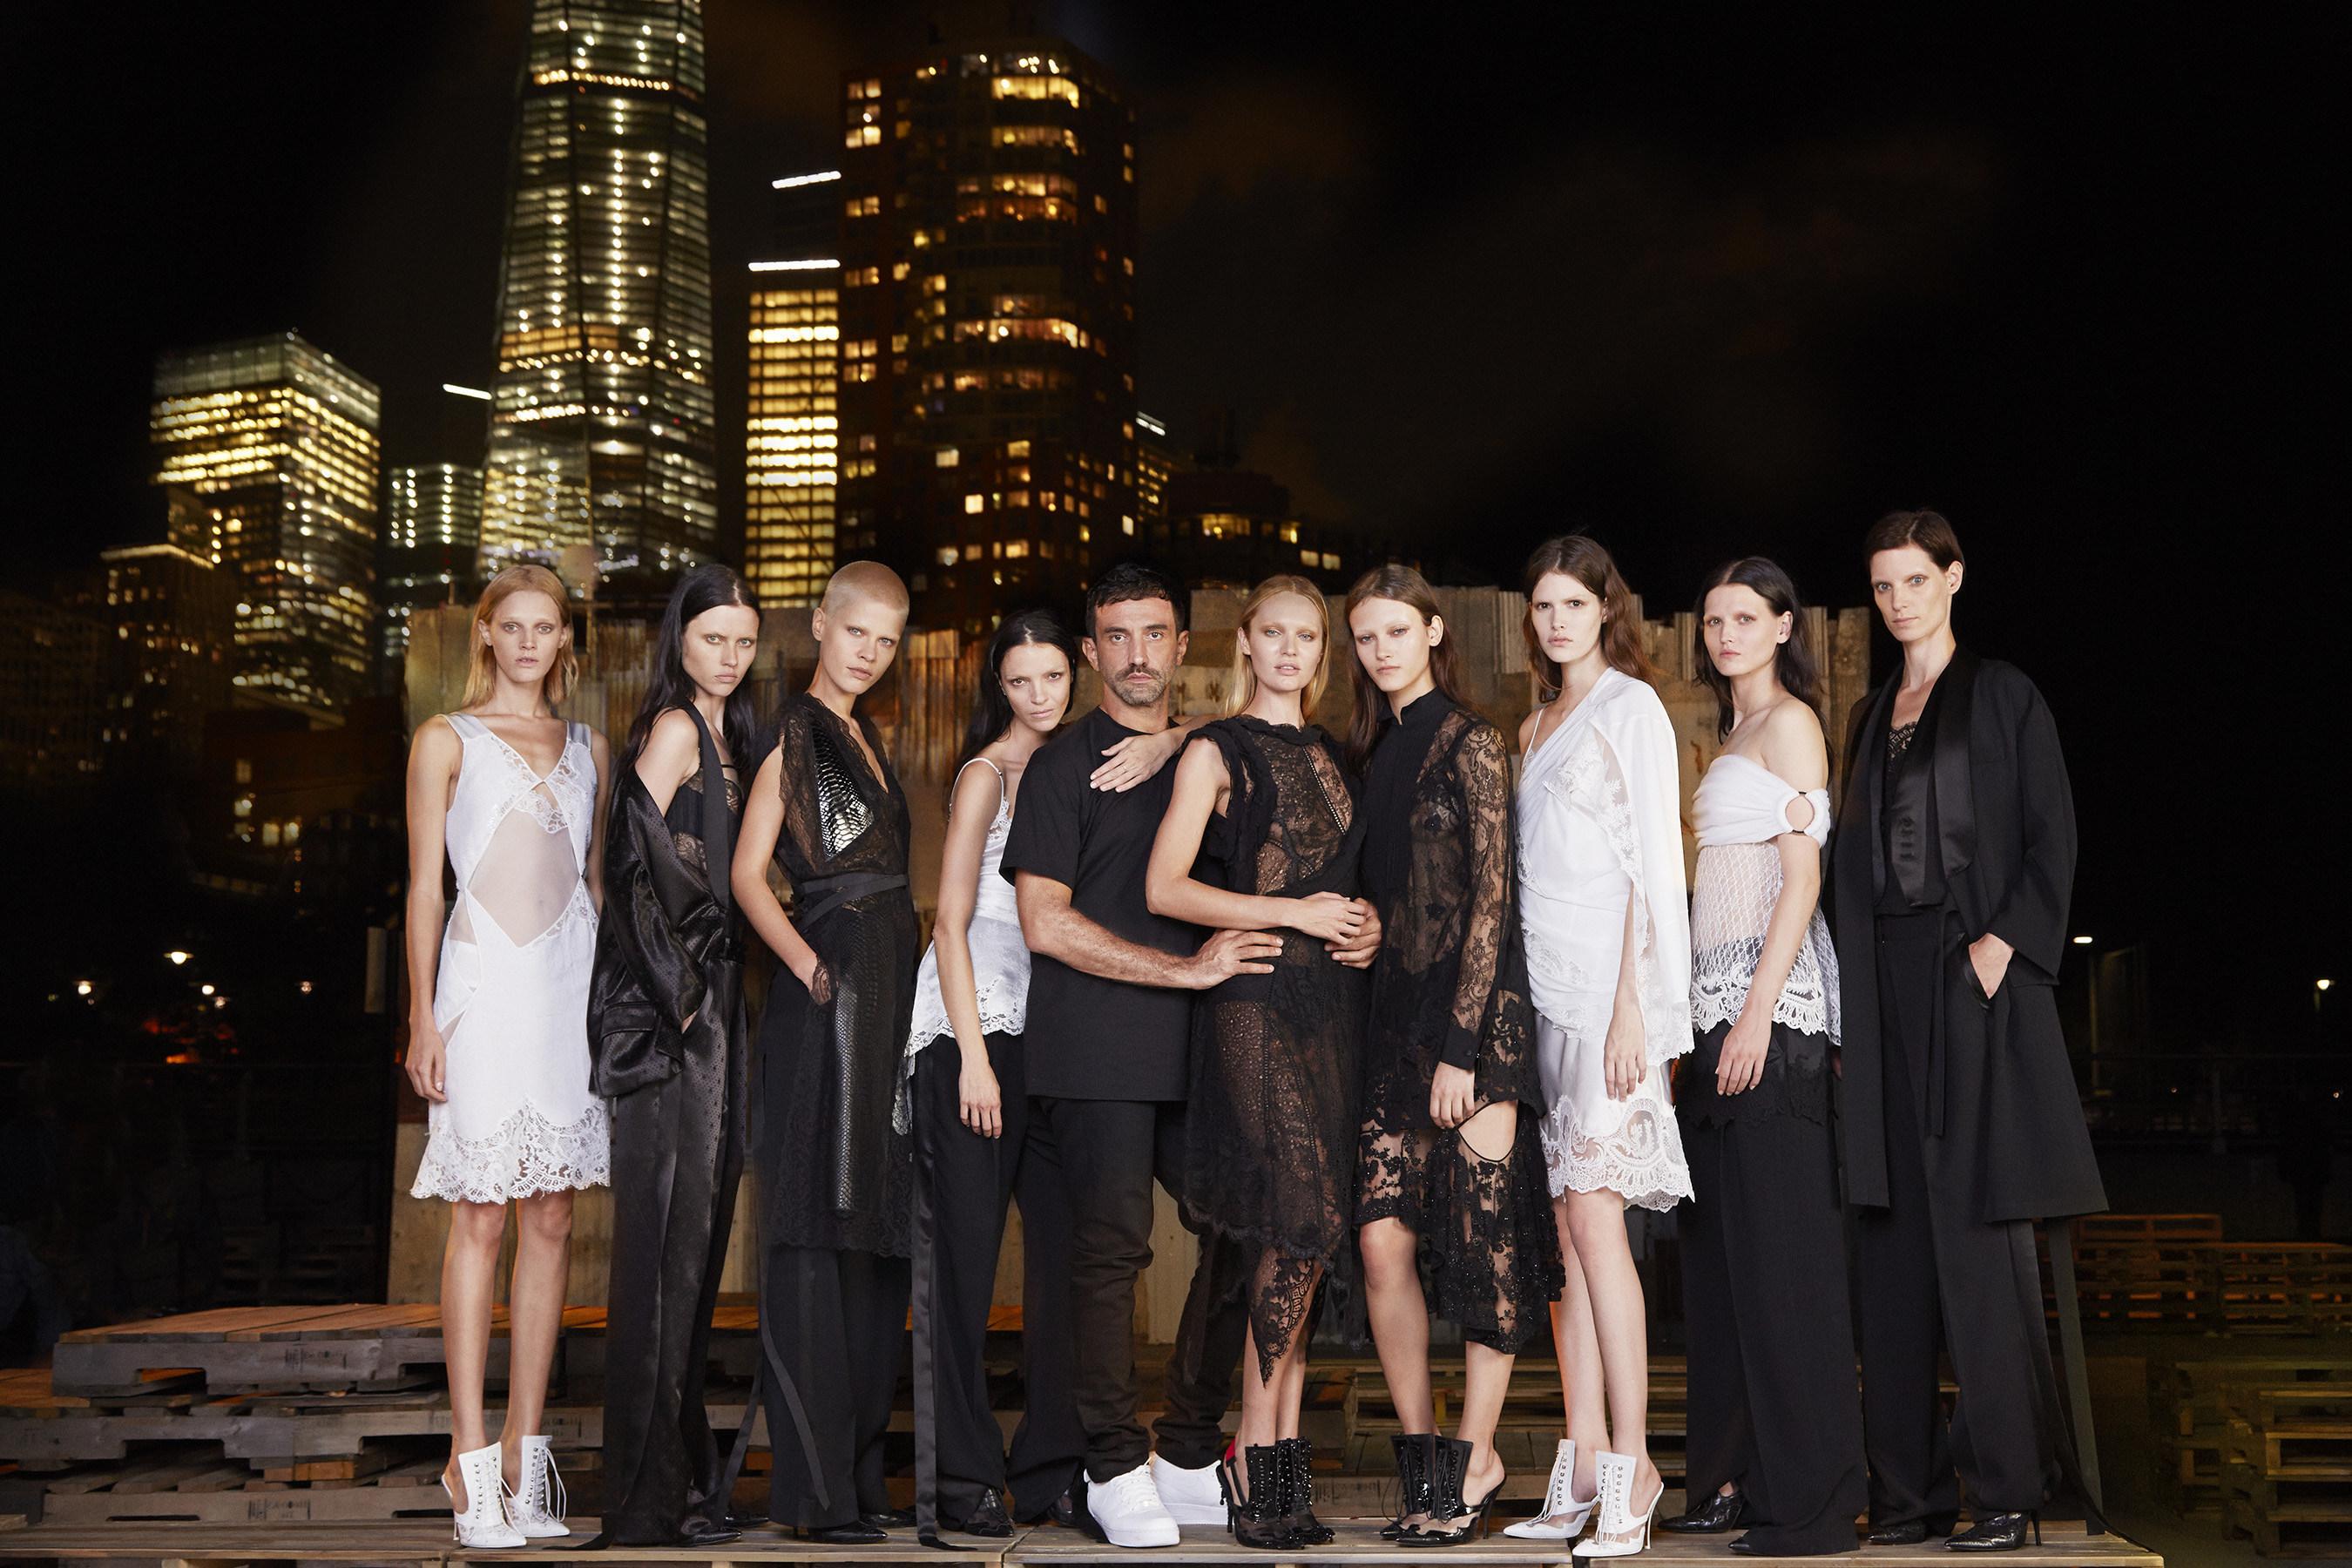 Givenchy par Riccardo Tisci présente sa collection printemps-été 2016 à New-York City